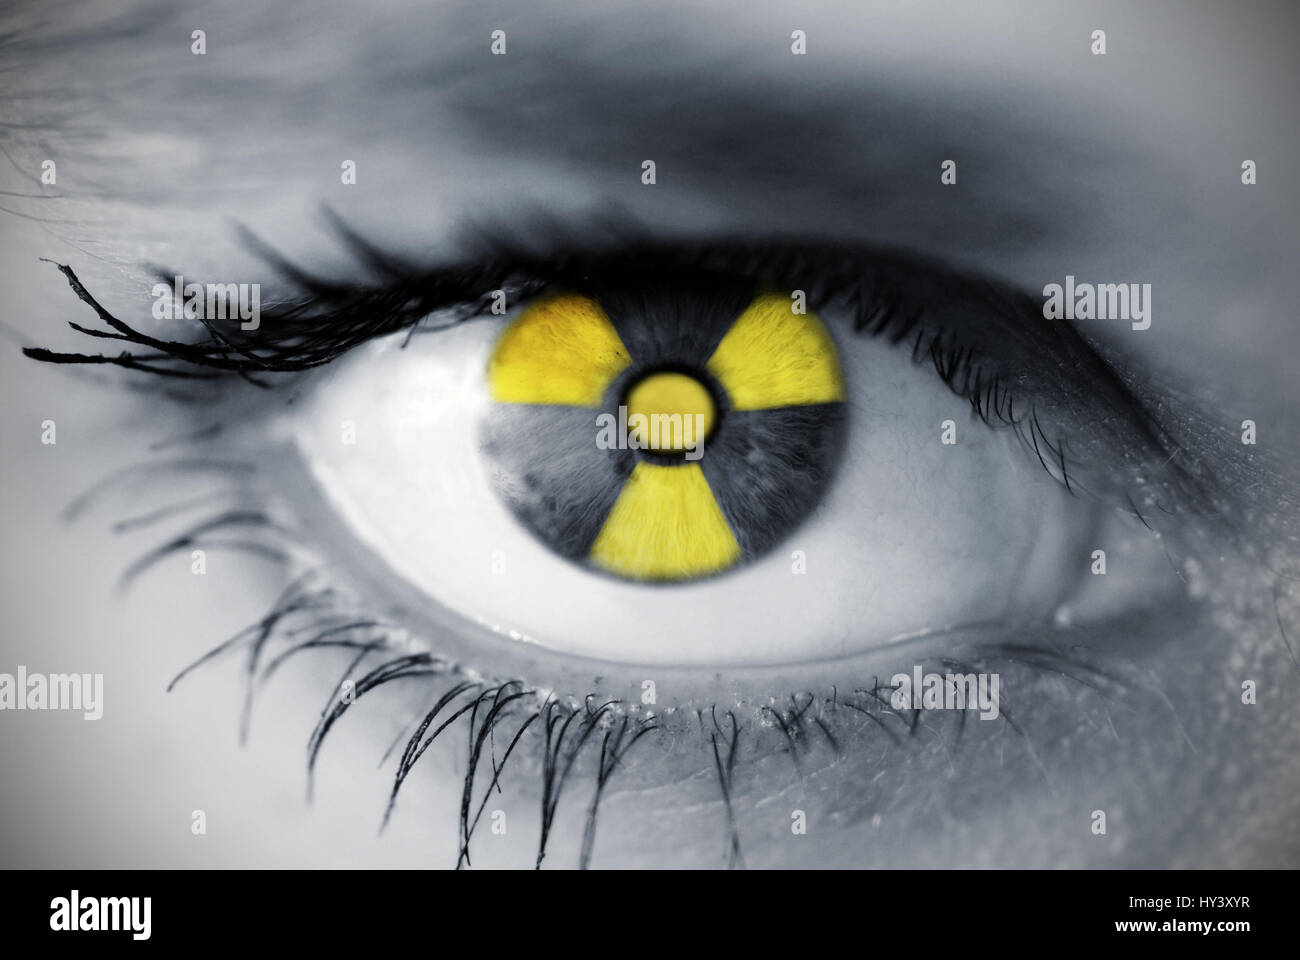 Eye of a woman with radioactivity sign, Auge einer Frau mit Radioaktivitaetszeichen Stock Photo